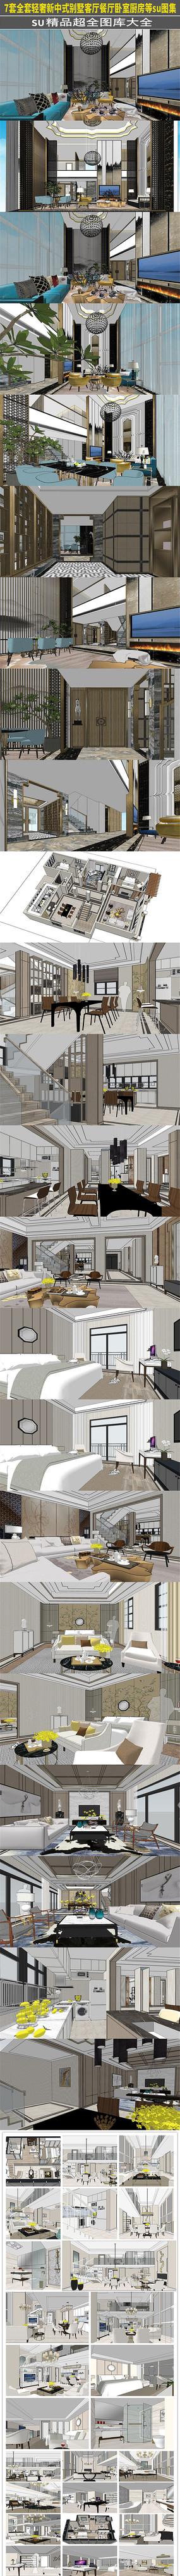 7套轻奢新中式别墅客厅餐厅卧室卫生间厨房